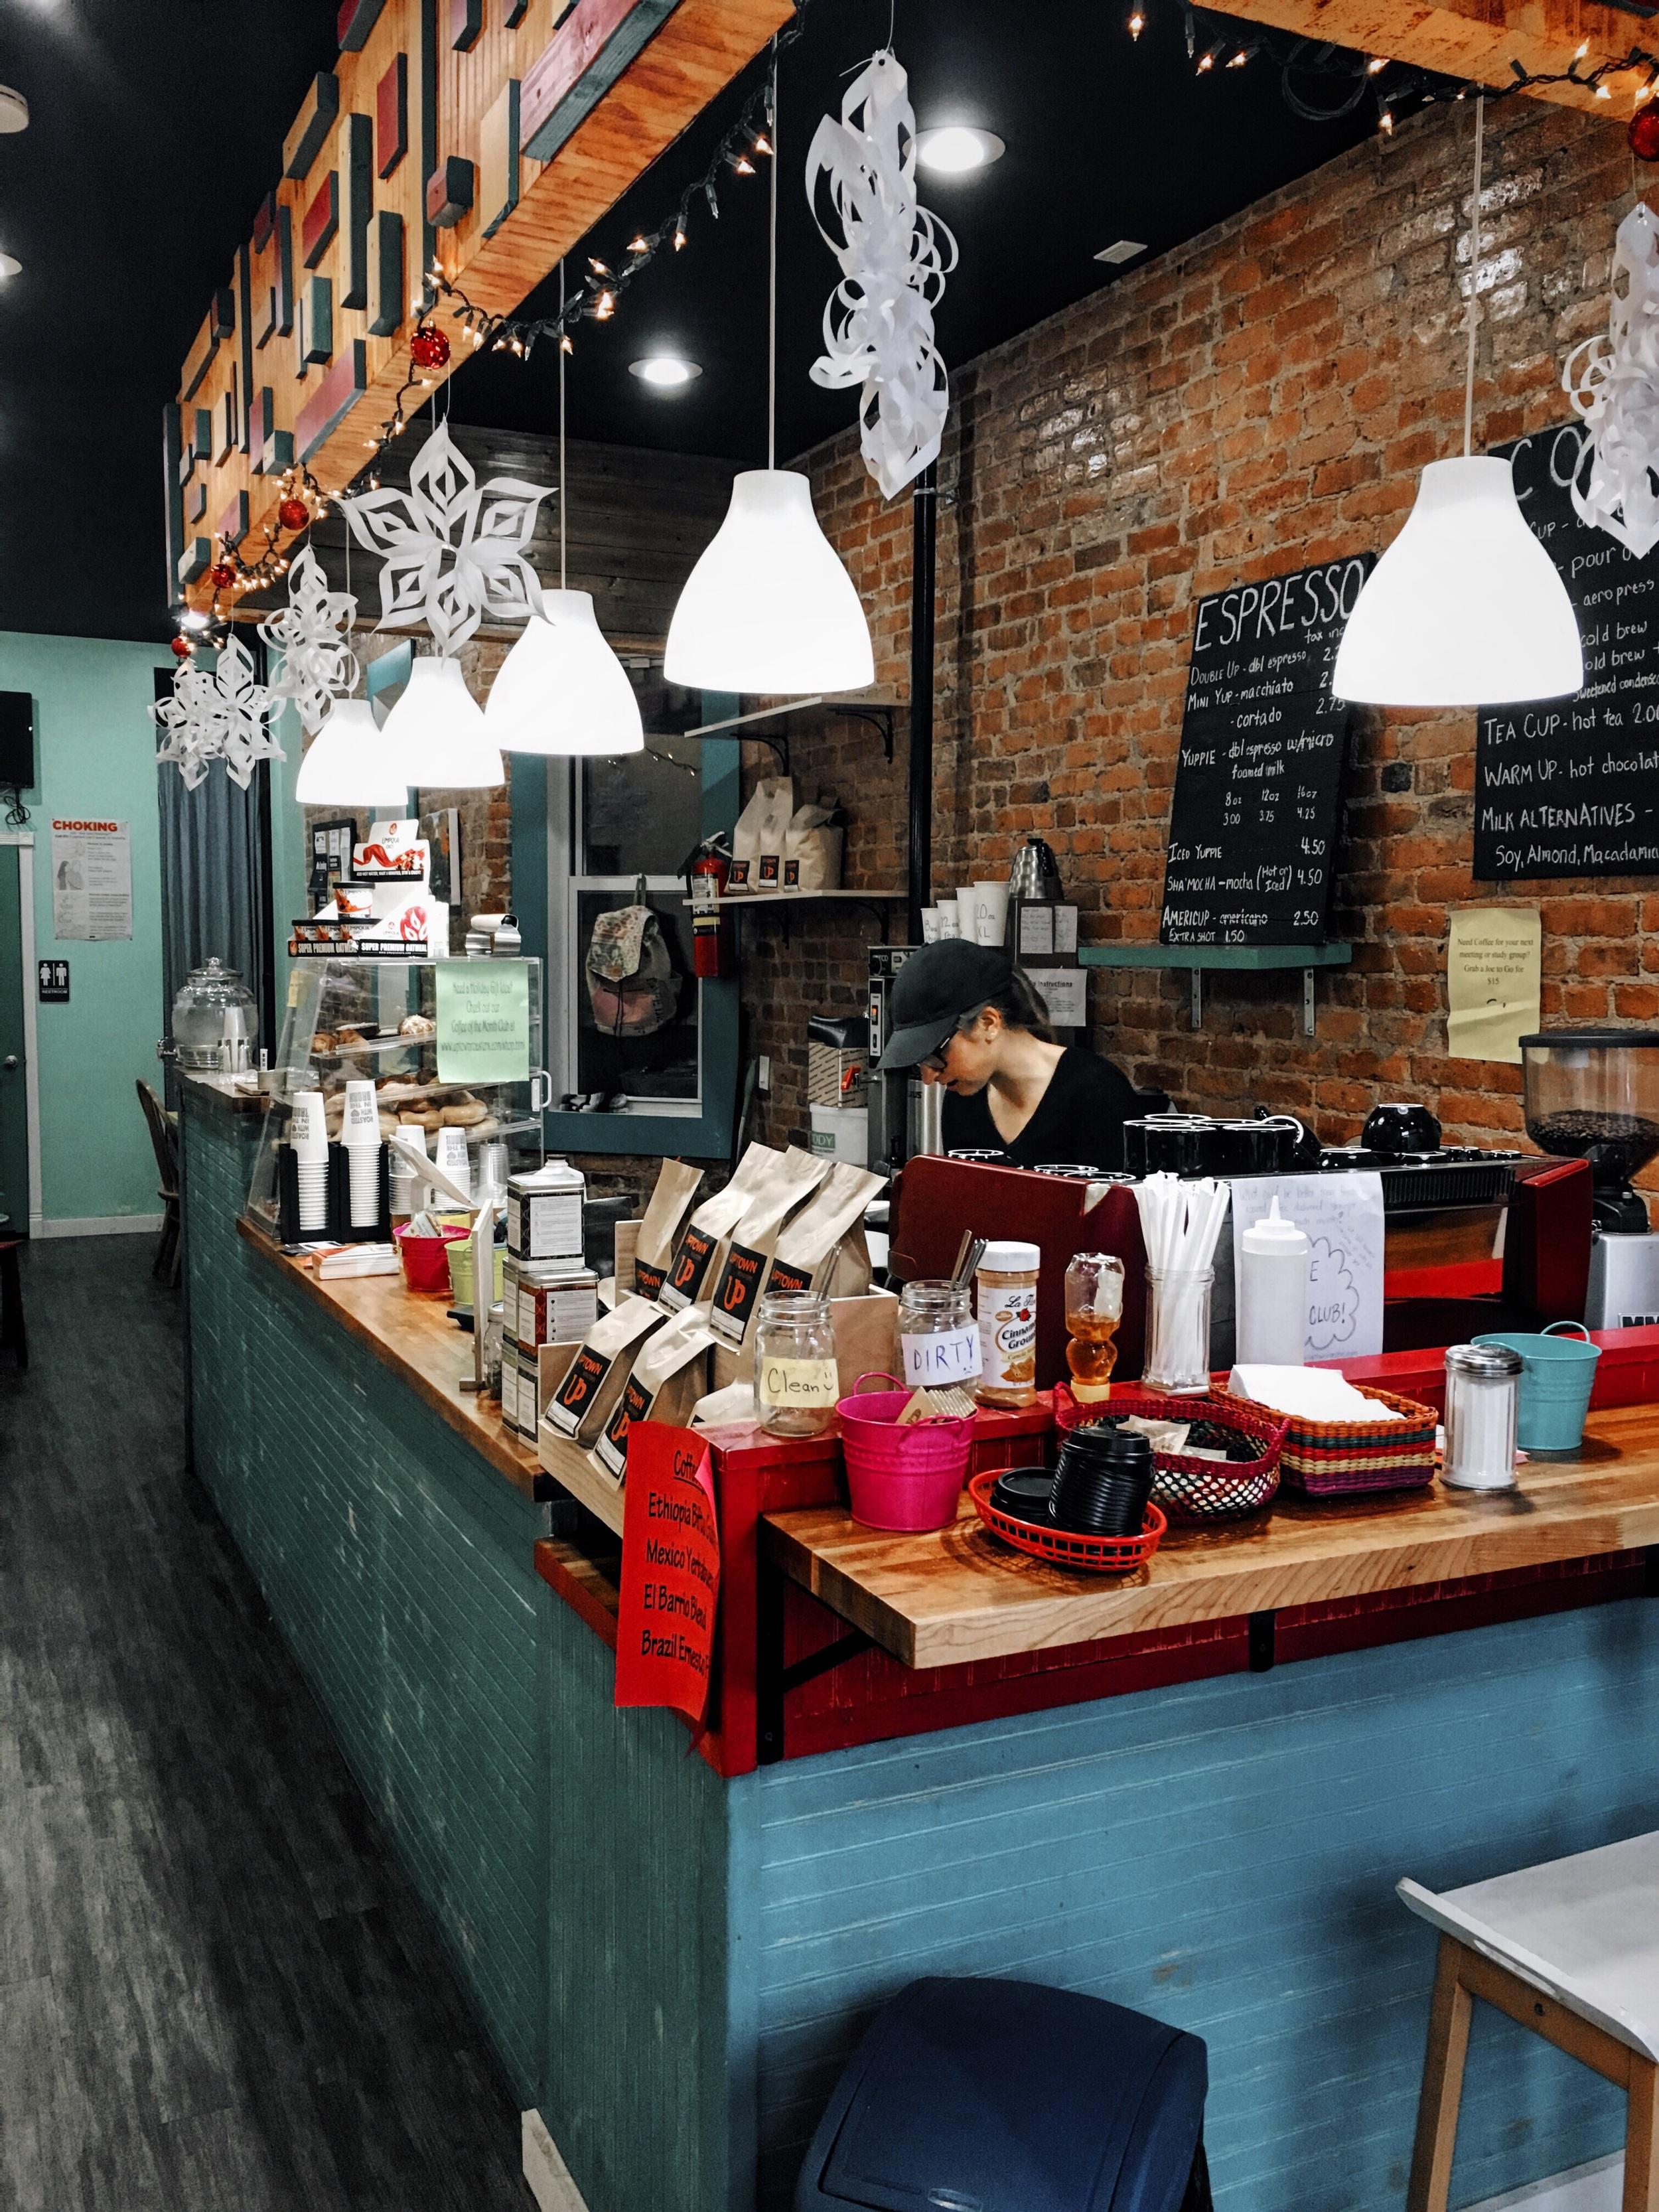 harlem_coffee_shop.jpg